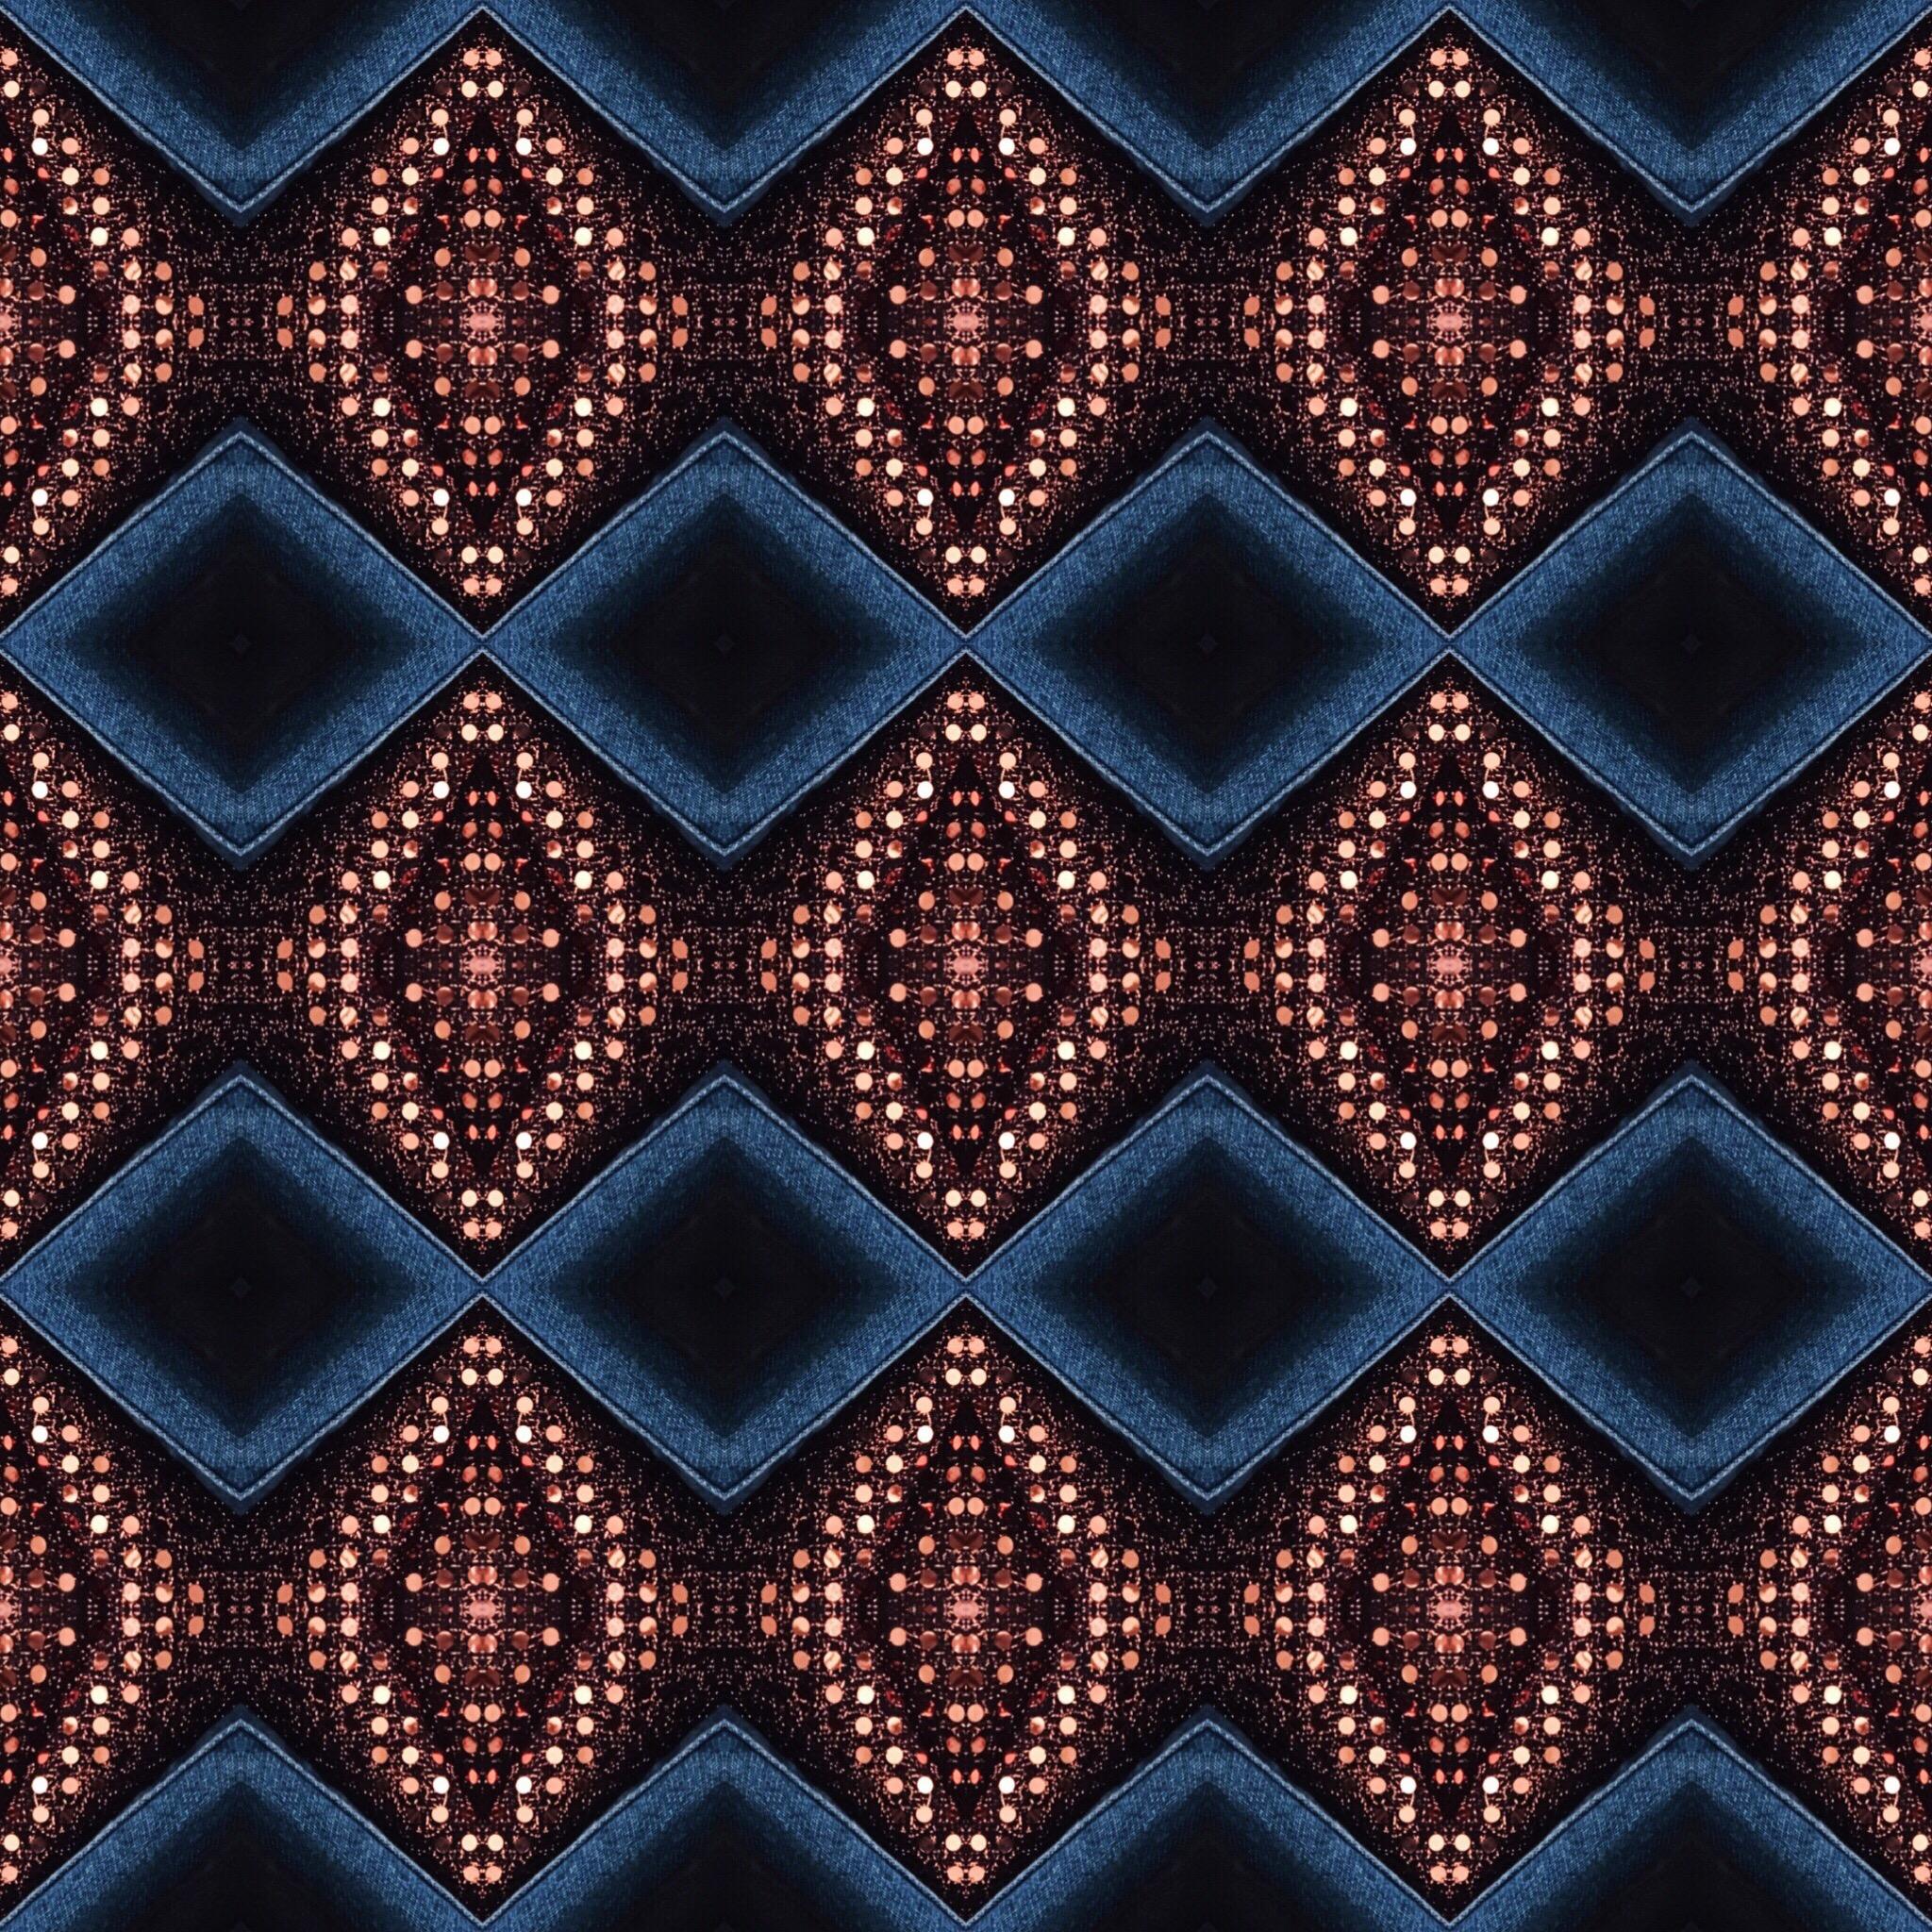 digital art-kaleidoscope art-wear who you are